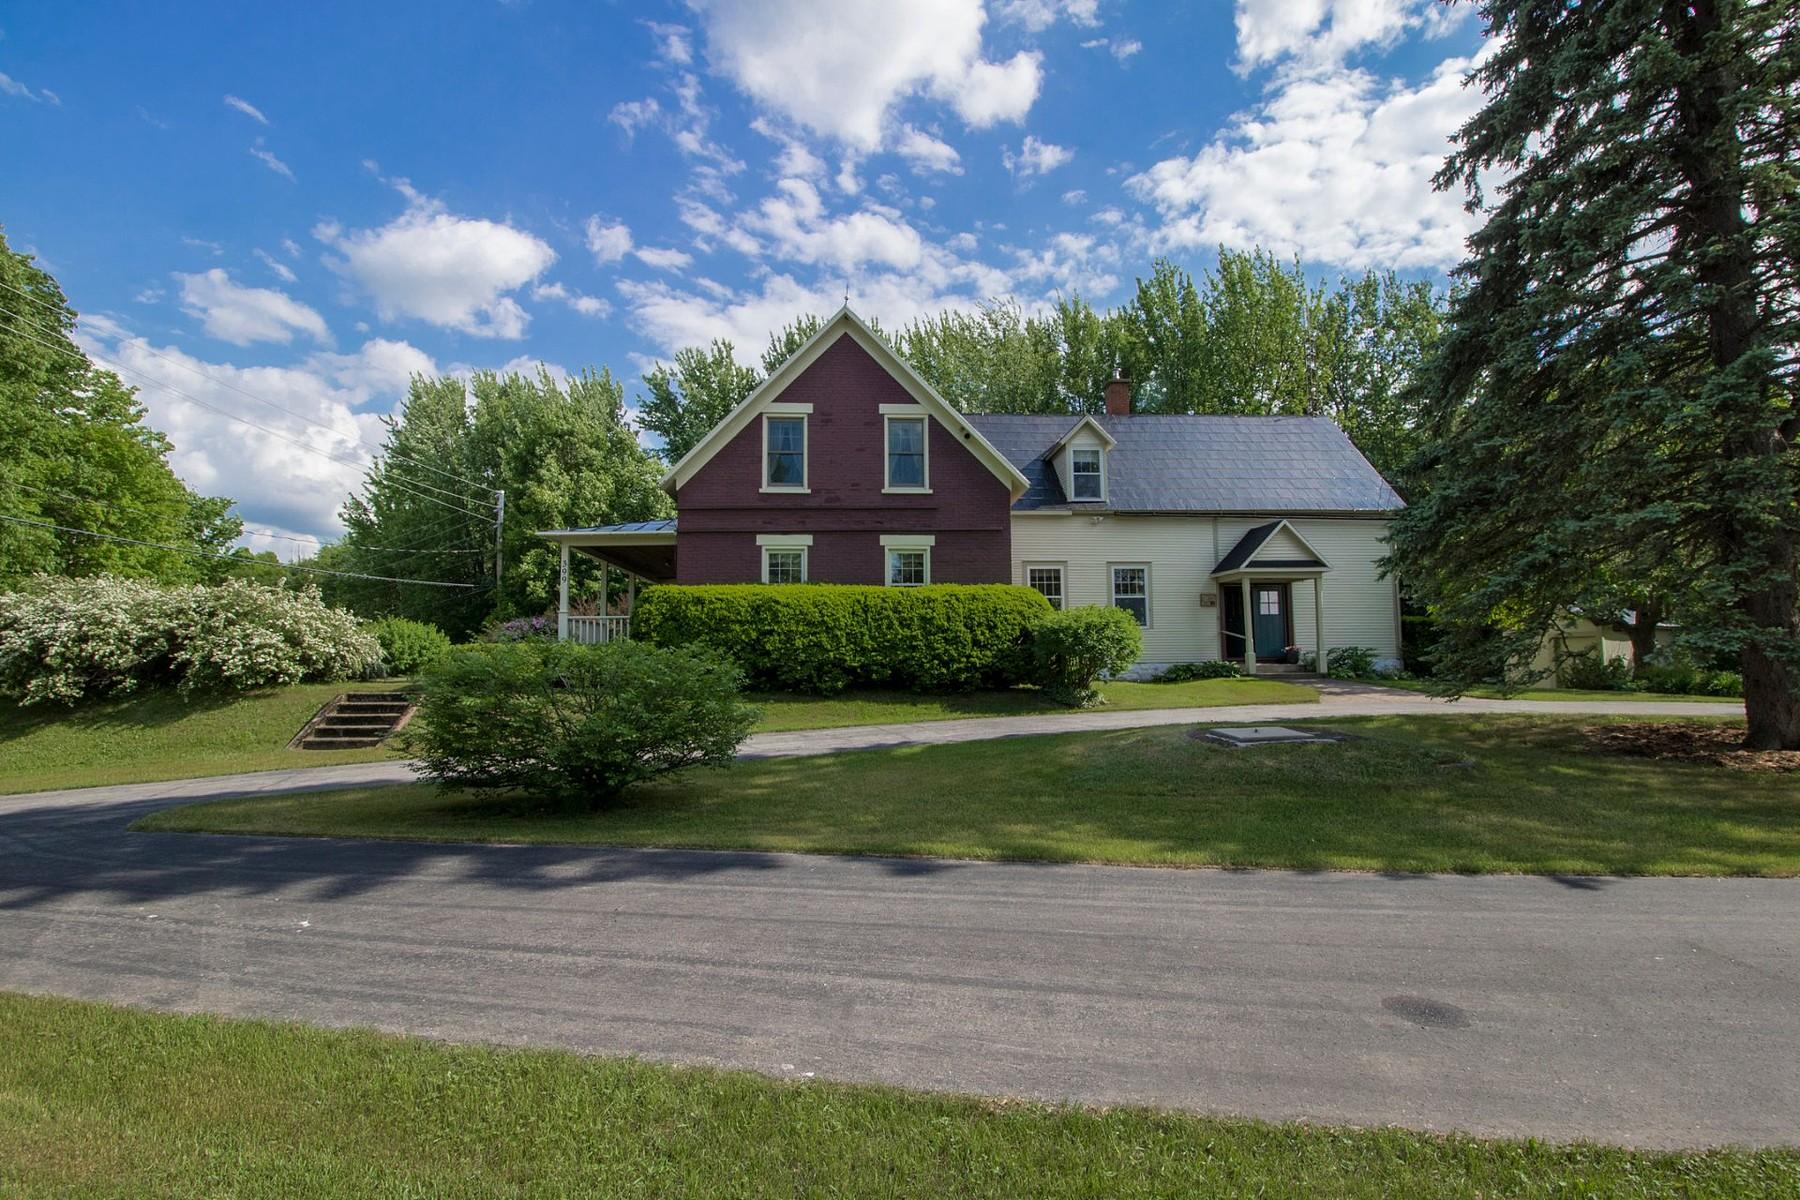 獨棟家庭住宅 為 出售 在 Havelock, Montérégie 399 Route 203 Havelock, 魁北克省, J0S2C0 加拿大